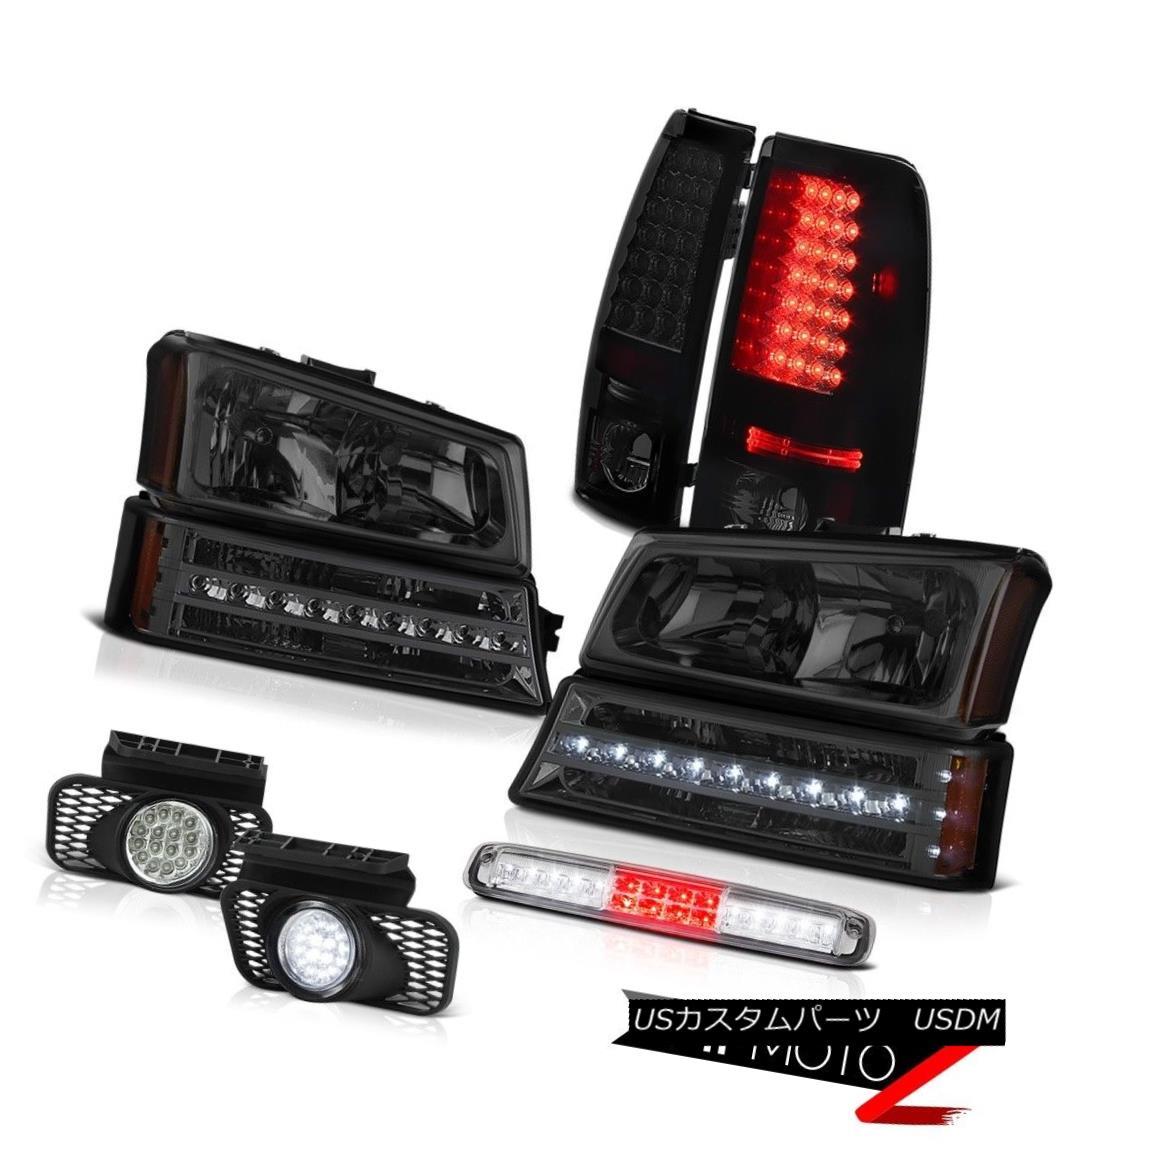 テールライト 2003-2006 Silverado Roof Brake Light Headlights Foglamps Parking Taillights LED 2003年 - 2006年シルラードルーフブレーキライトヘッドライトフォグランプパーキングテールランプLED